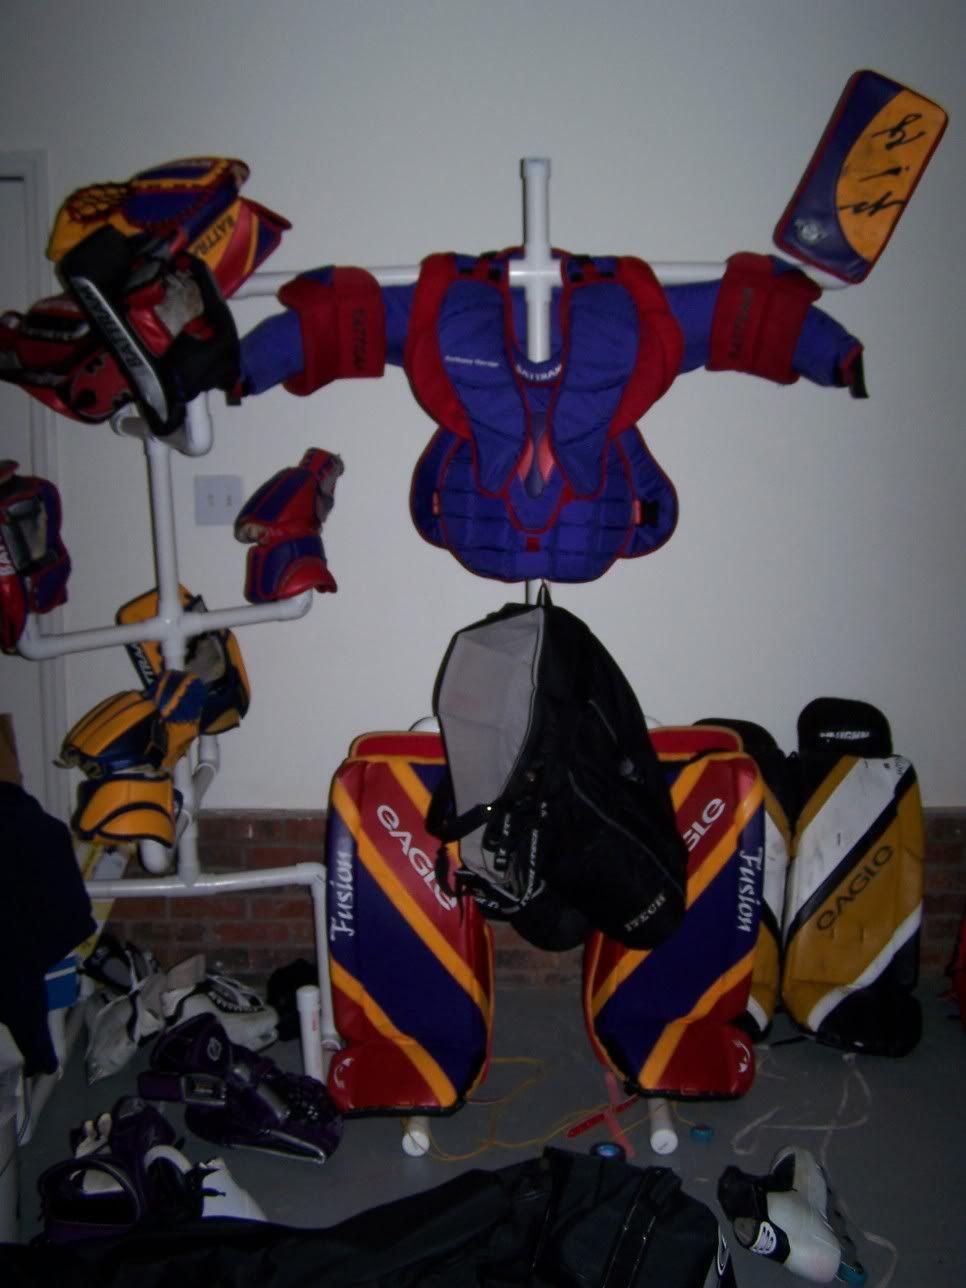 Equipment drying rack for dummies! - Goalie Store Bulletin Board